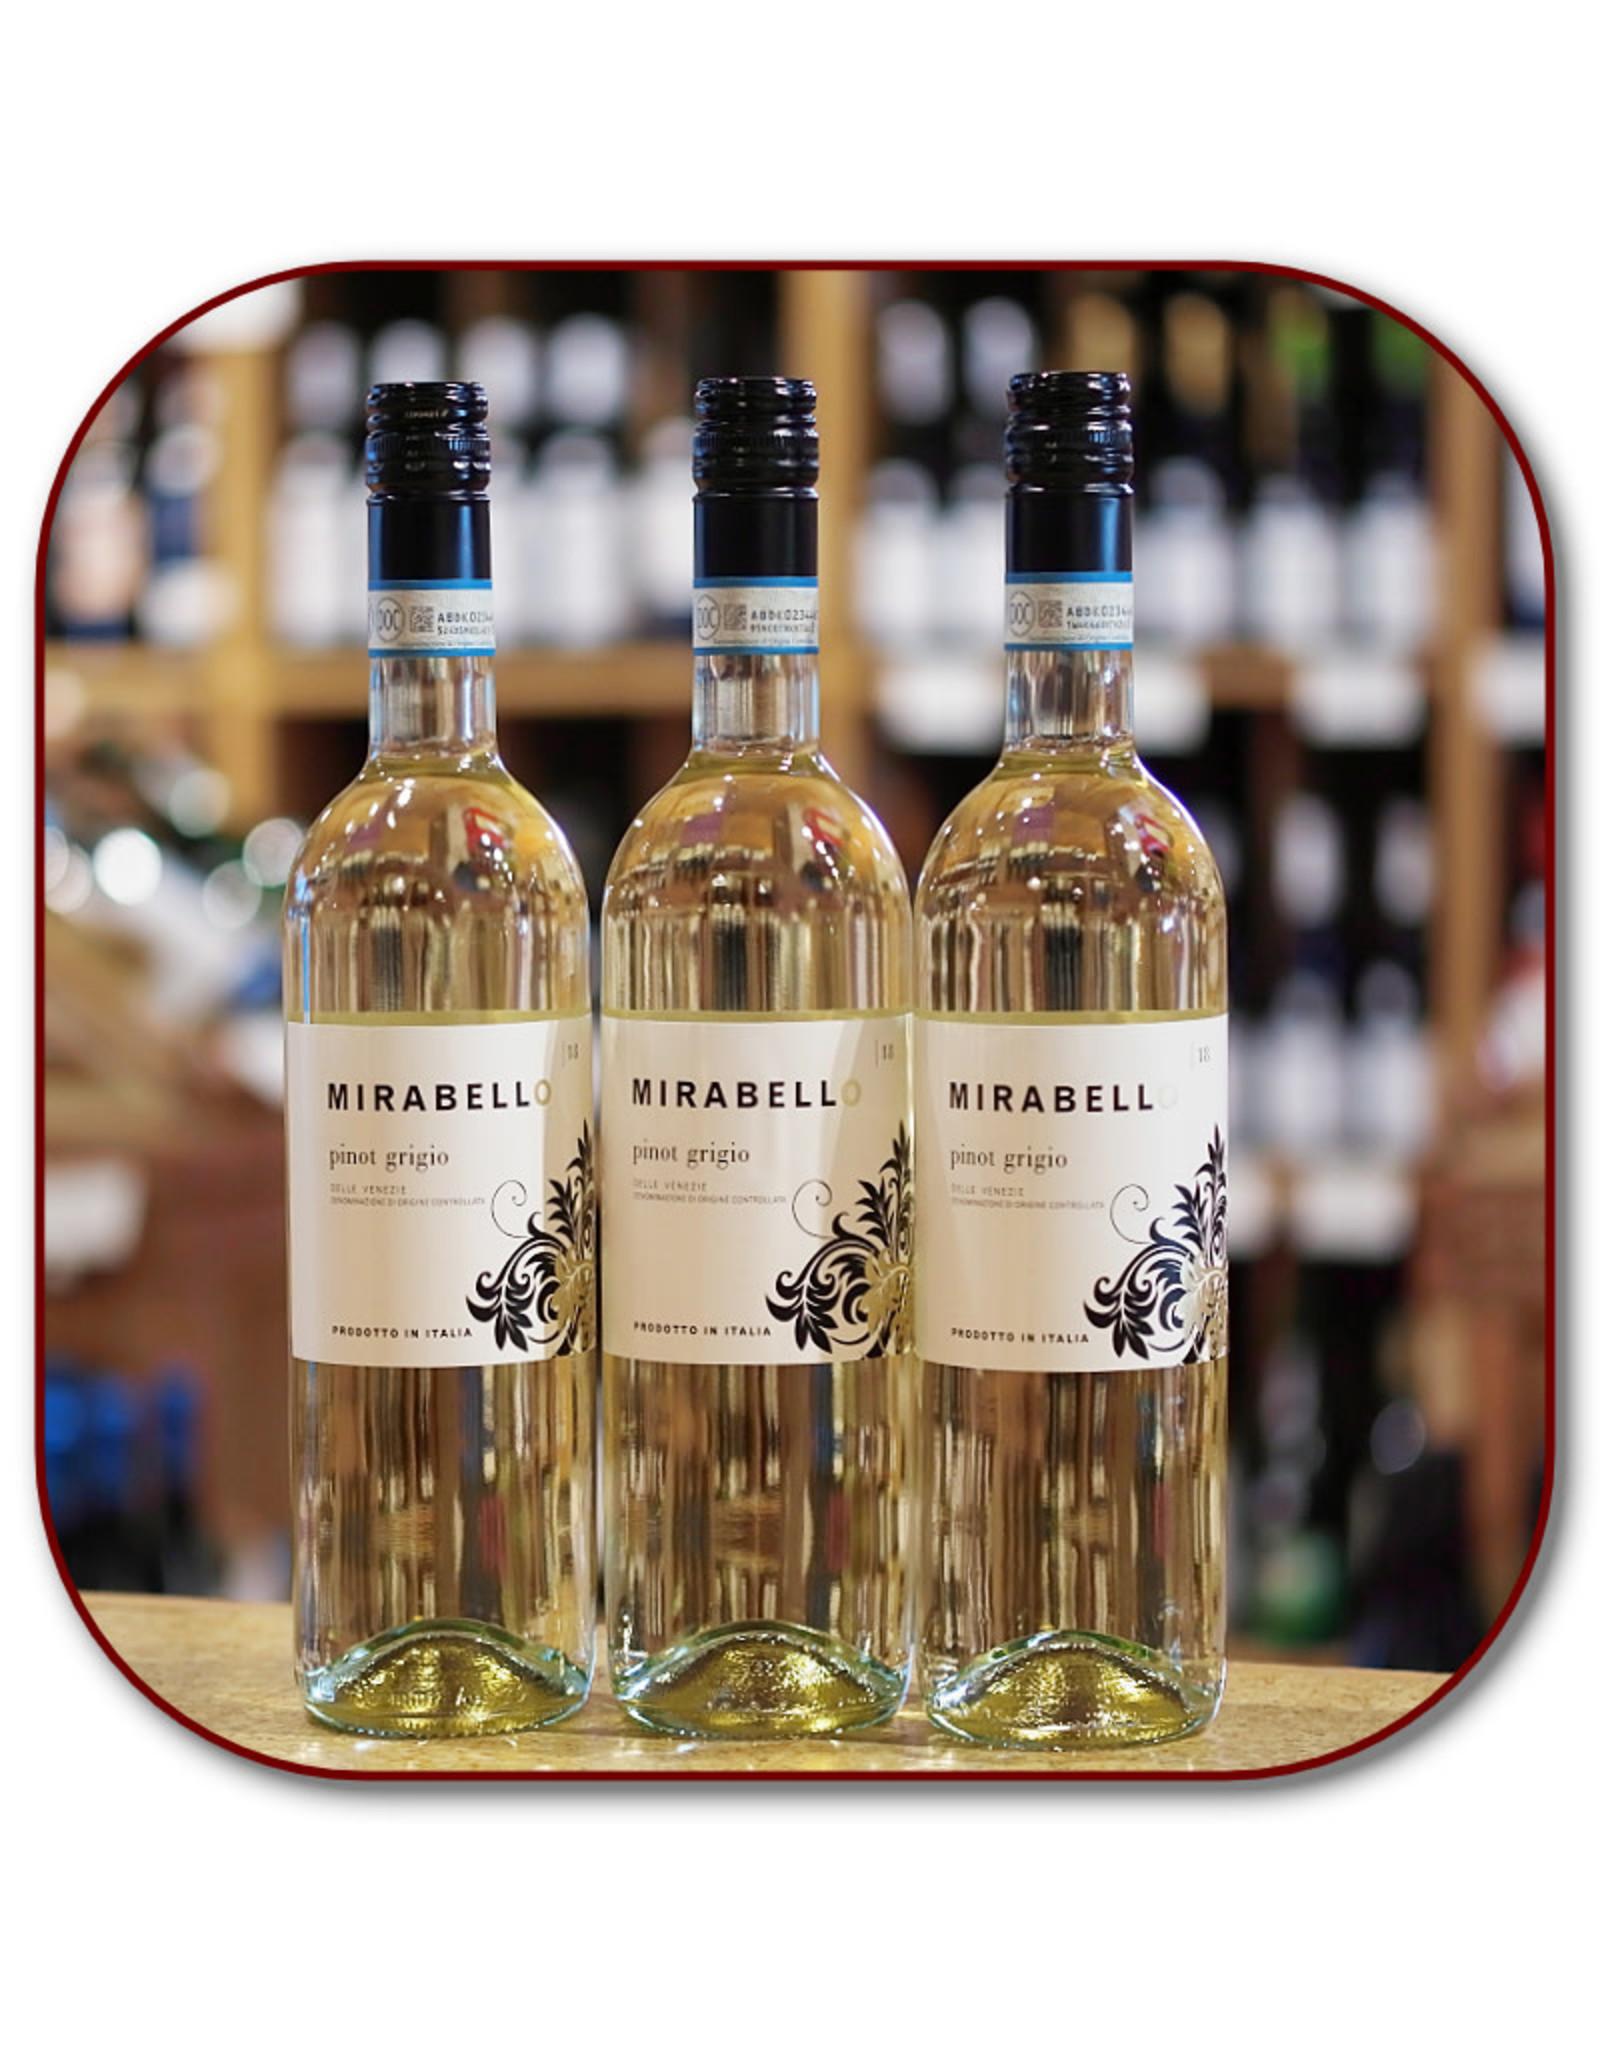 Pinot Grigio Mirabello Pinot Grigio 19